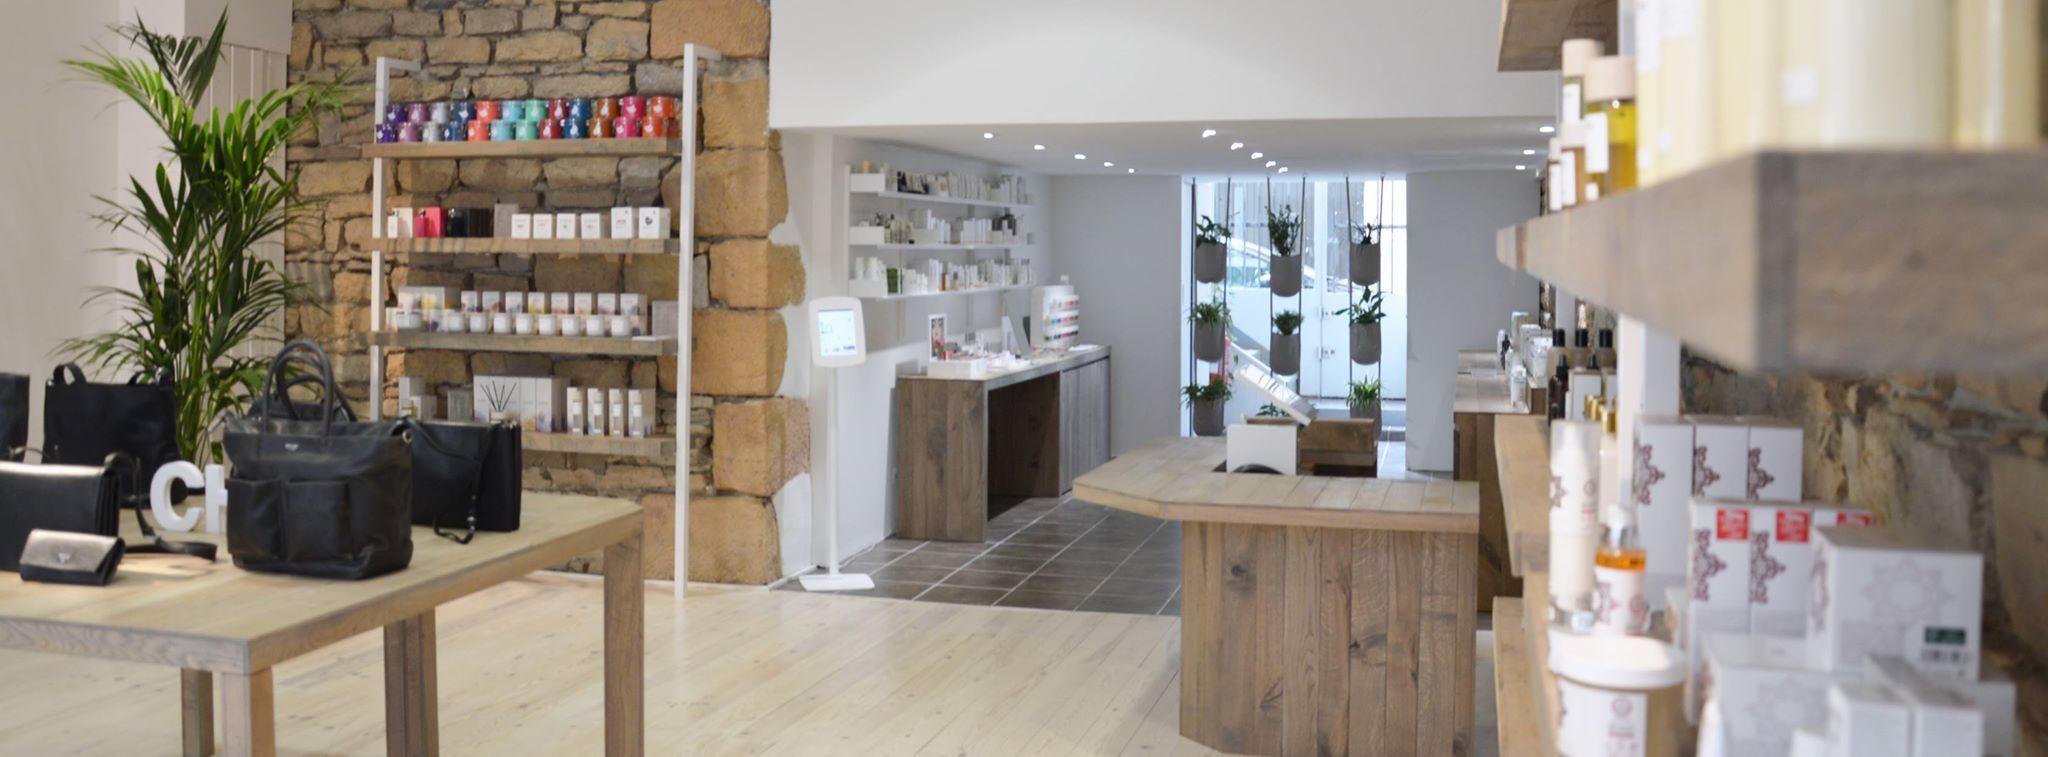 Ecocentric Boutique Lyon mode éthique